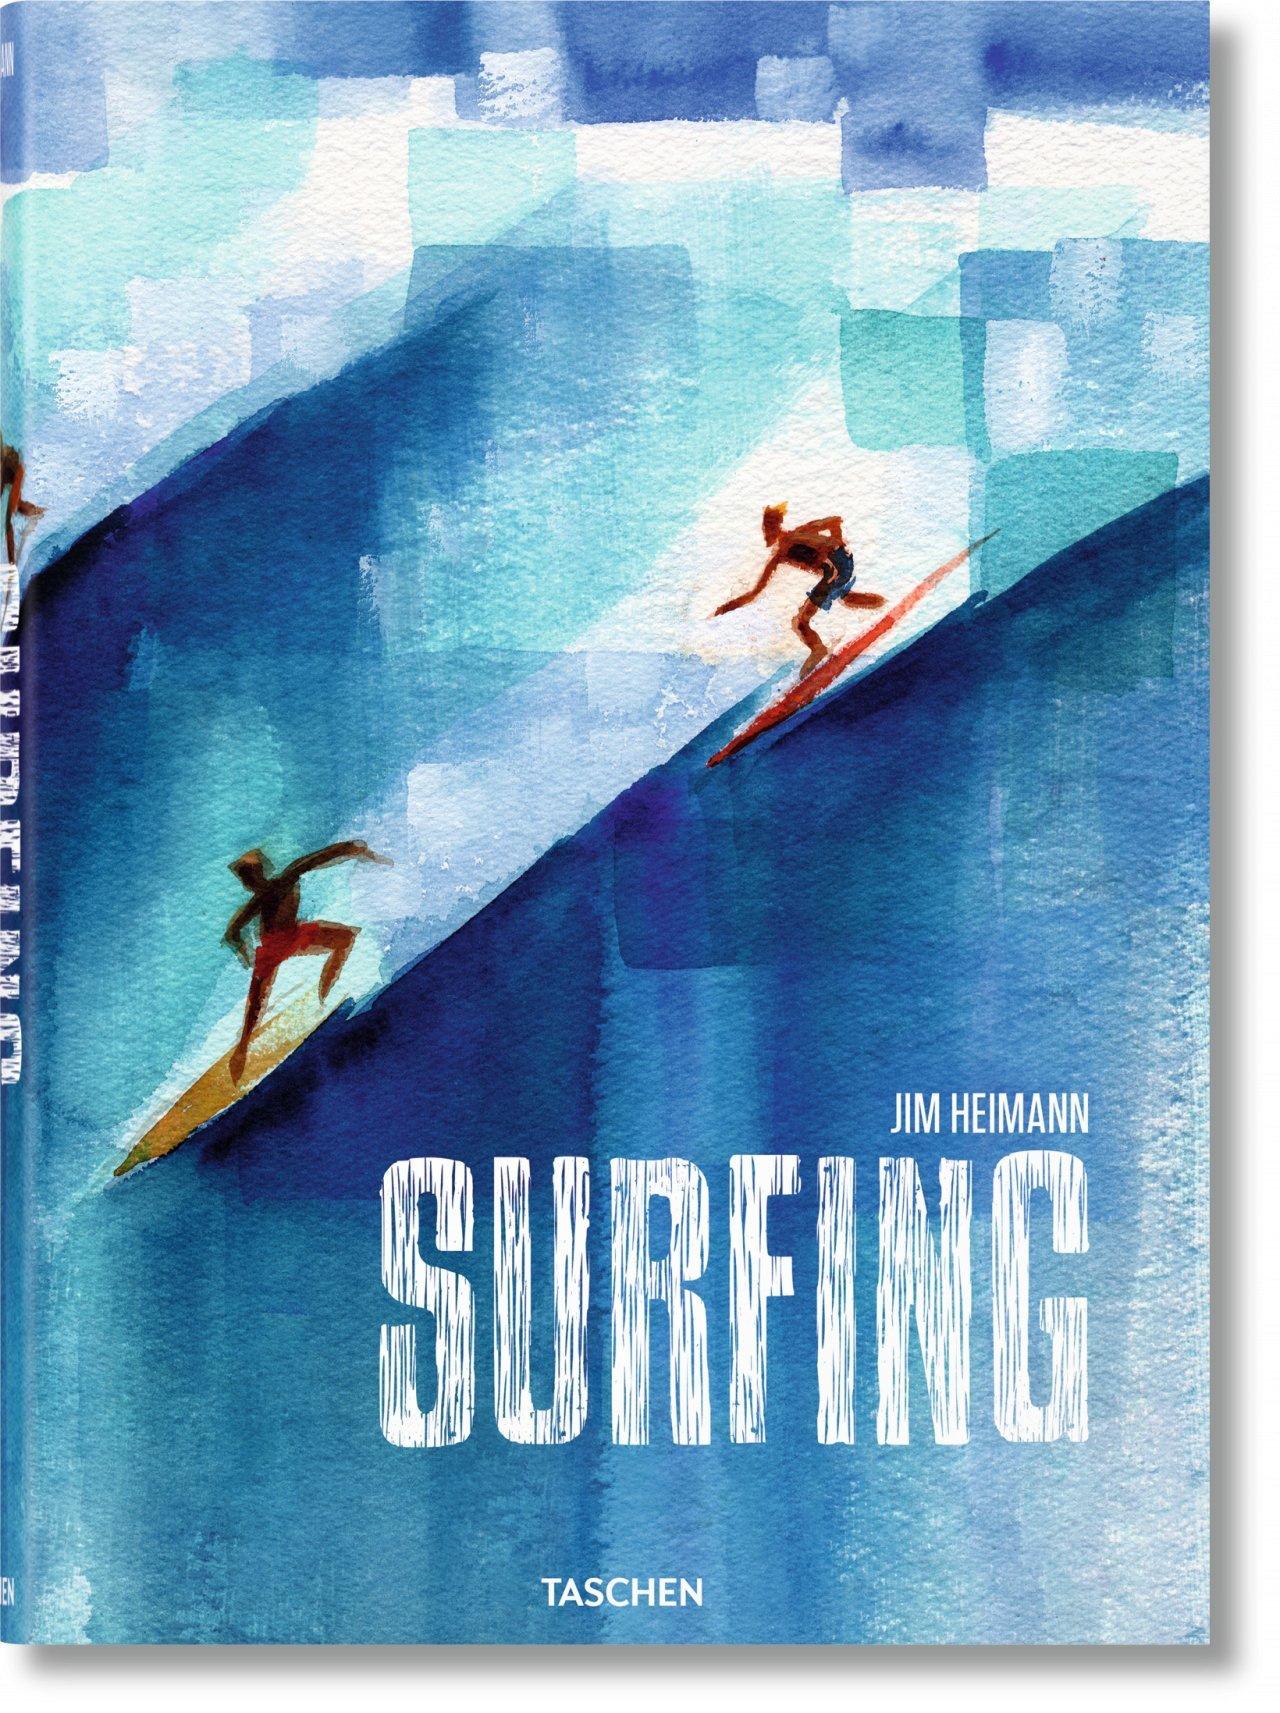 XL-SURFING-TRILINGUE